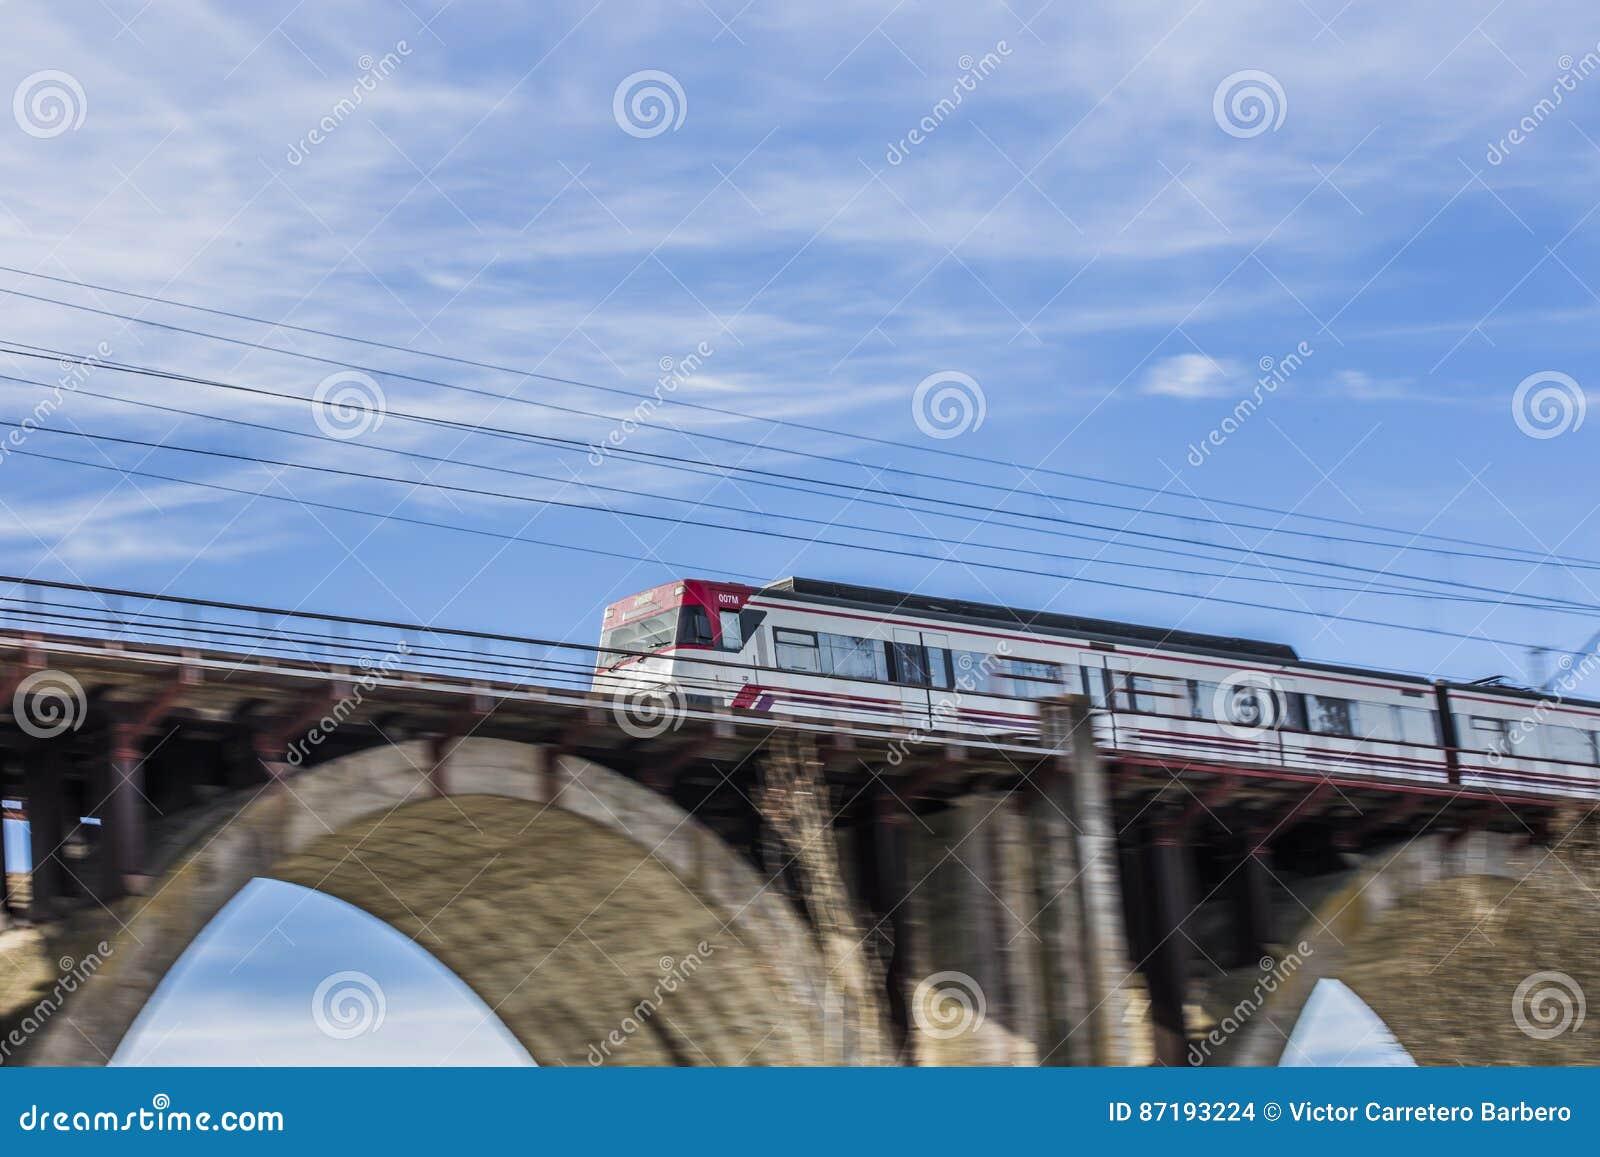 Train mobile sur un pont